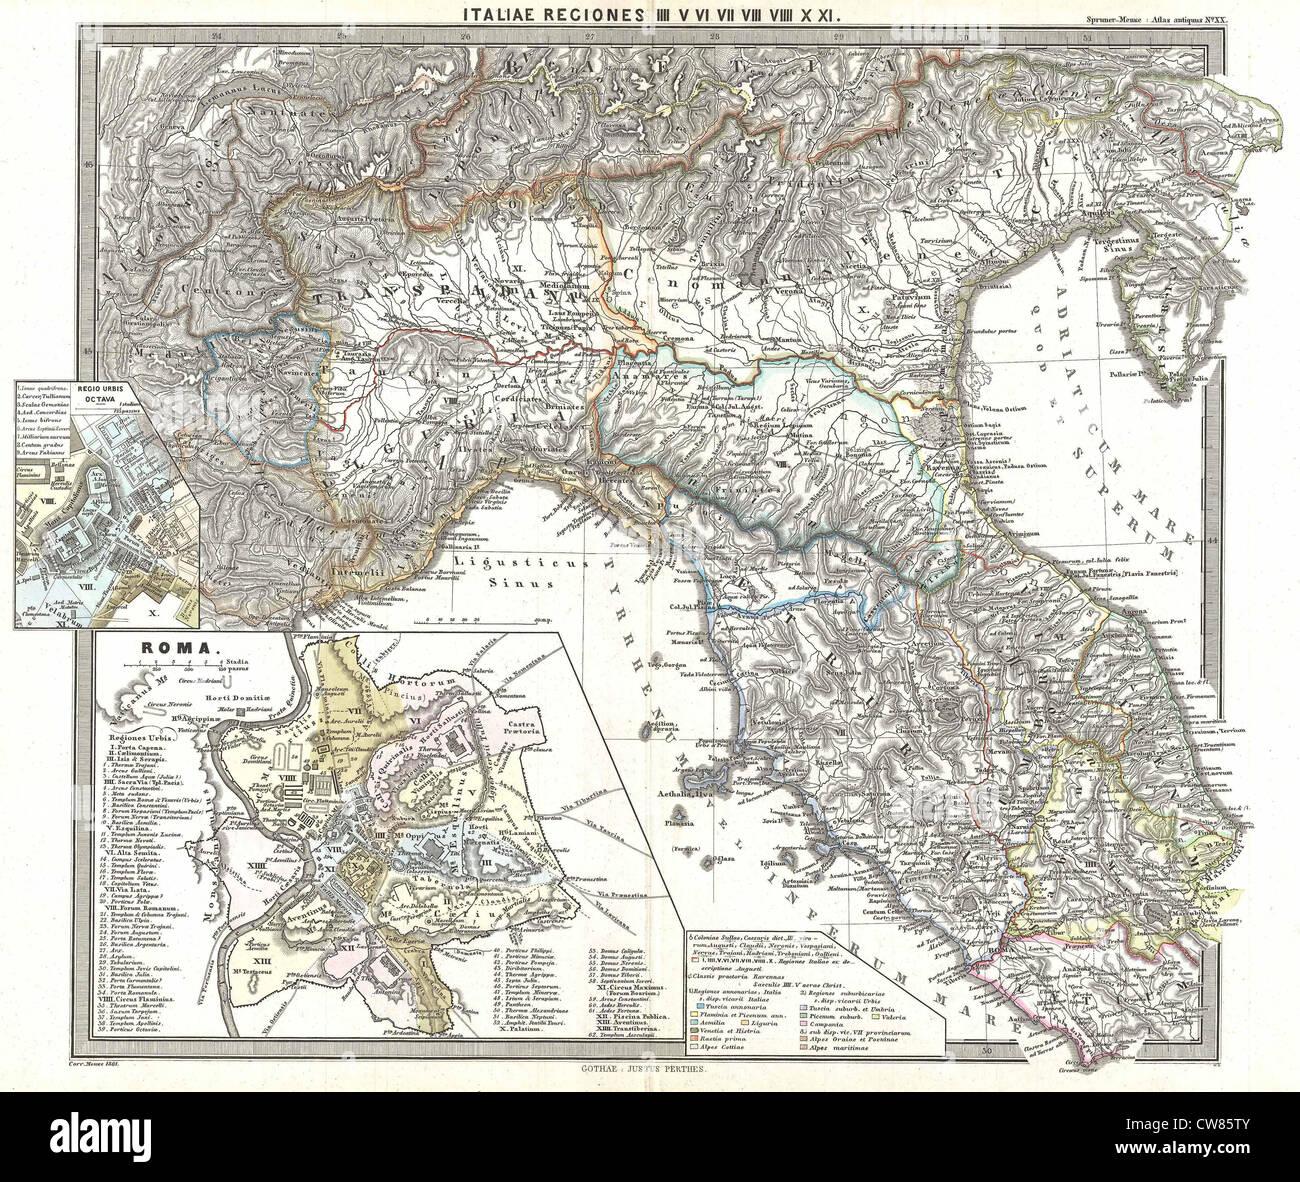 1865 Spruner Mapa del norte de Italia en la antigüedad Foto de stock